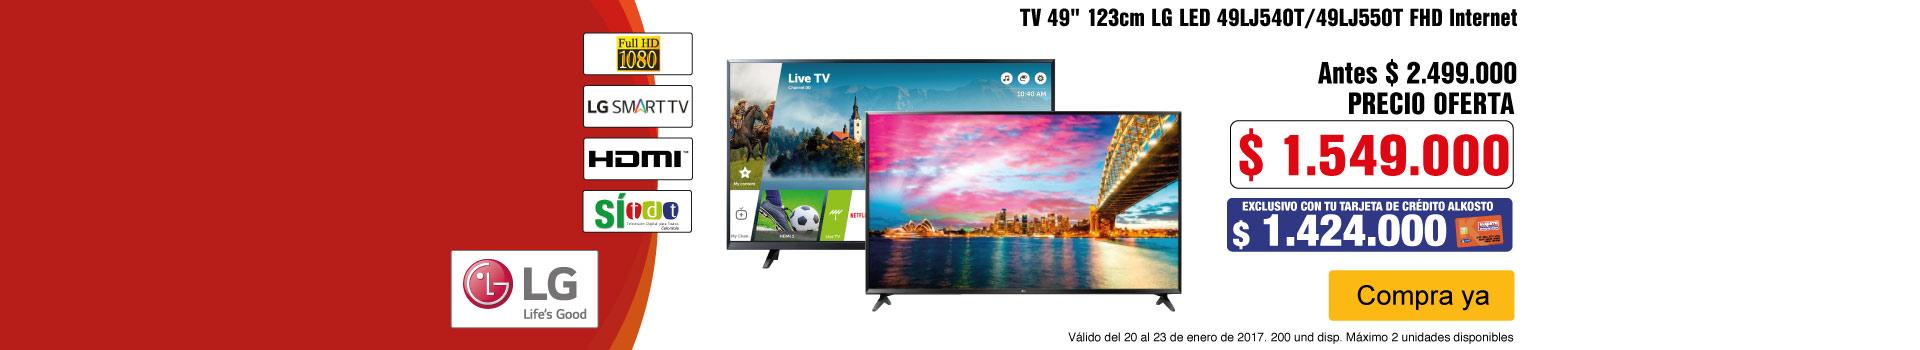 CAT AK-3-TELEVISOR LG 49LJ5-TV-ENERO20/23